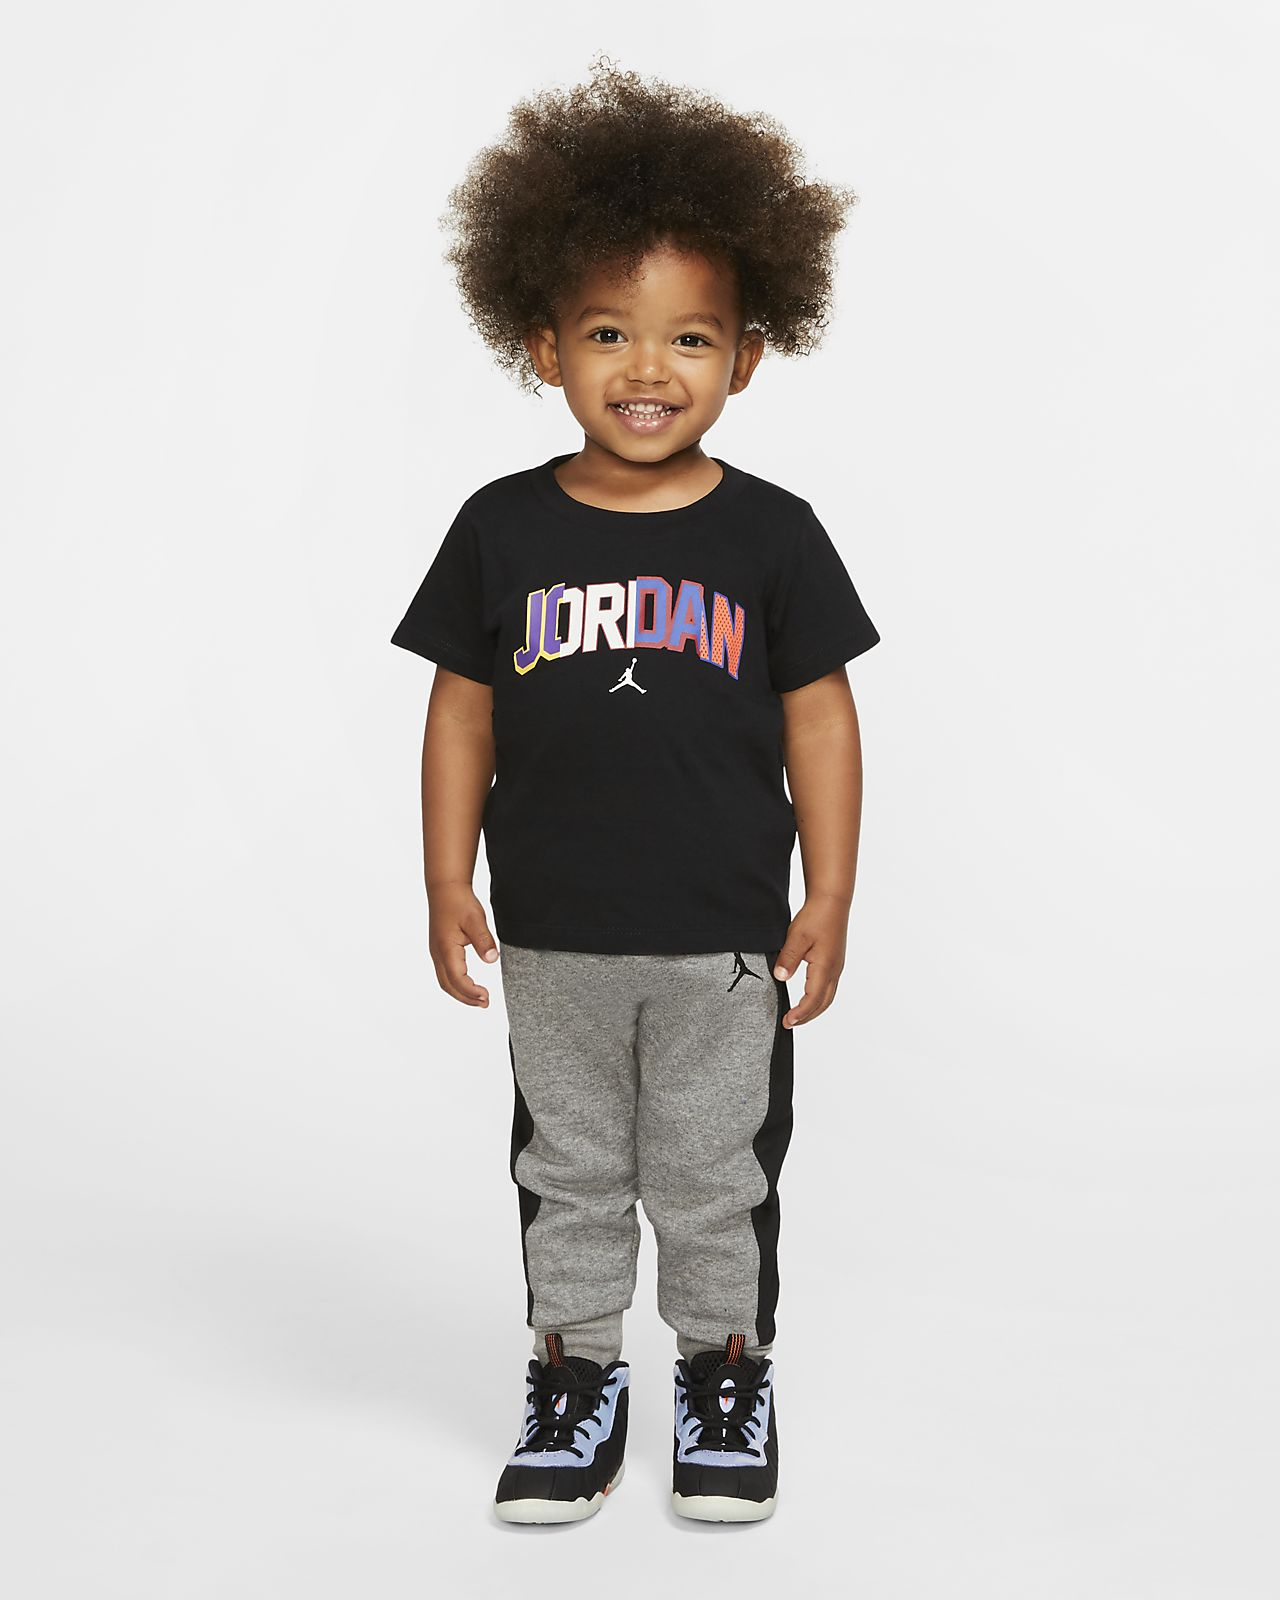 Jordan Tweedelige babyset met T-shirt en joggingbroek